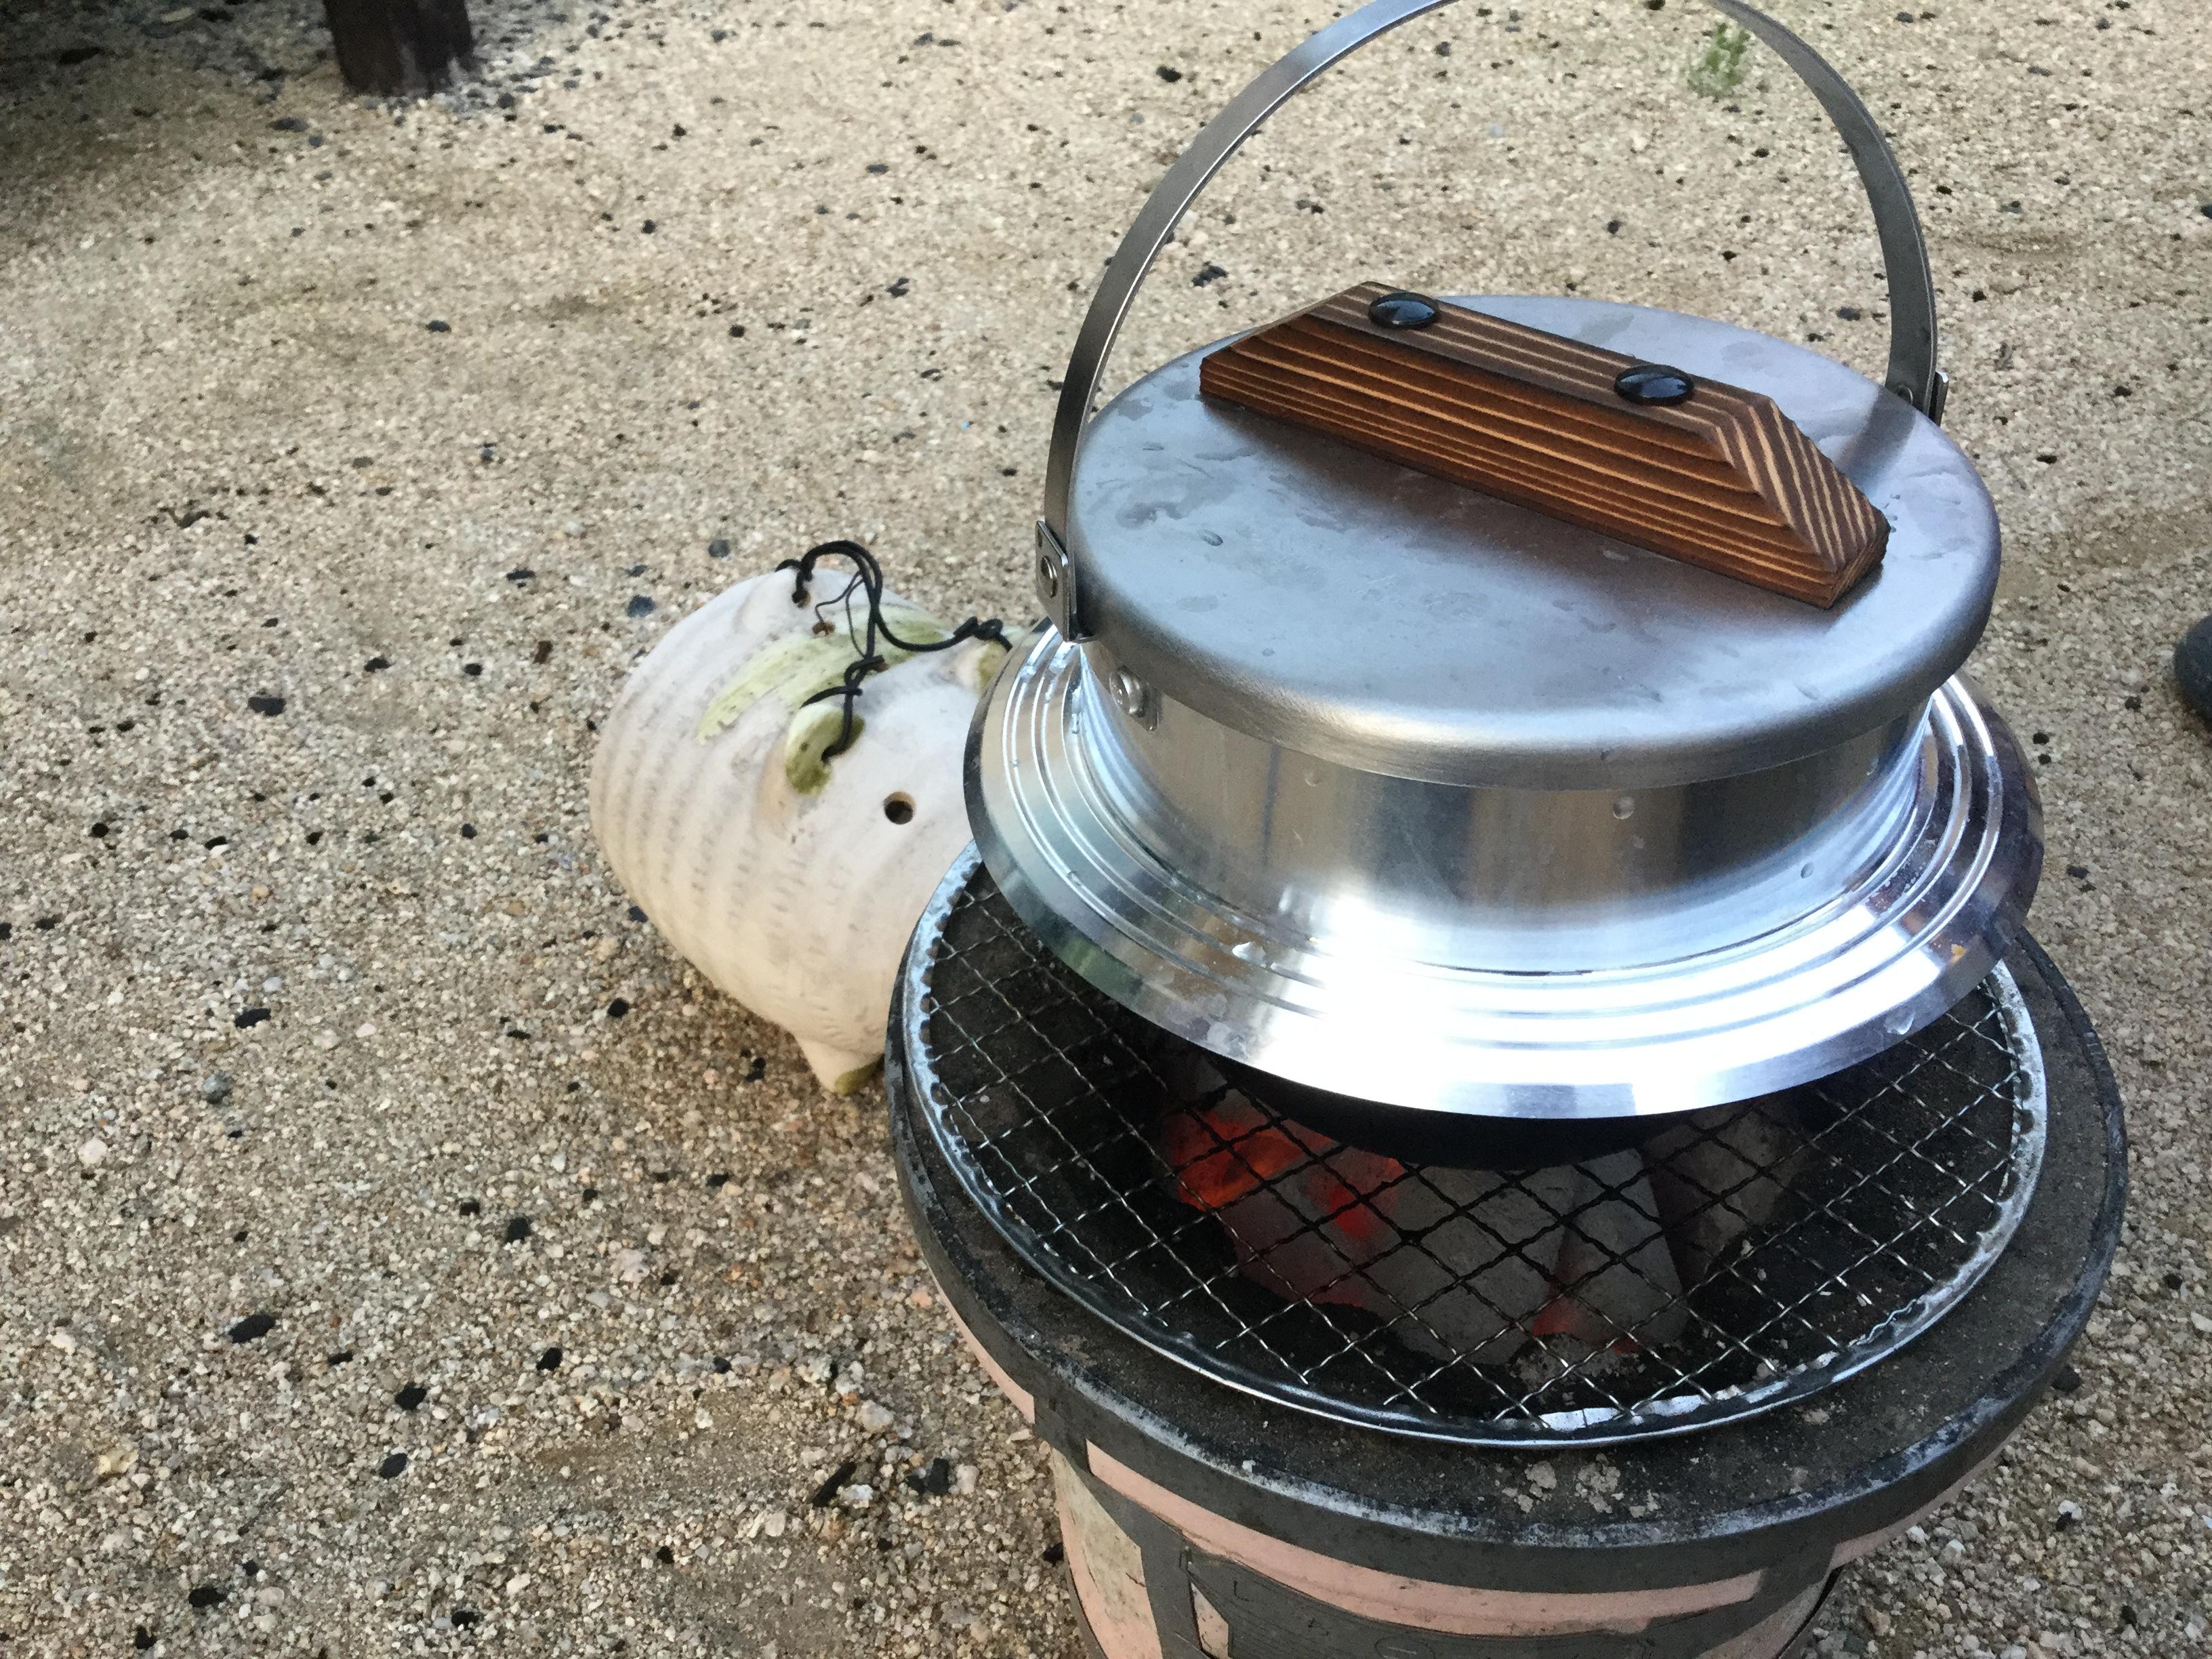 米炊きには羽釜だ!こだわりアイテムで美味しいキャンプ飯!